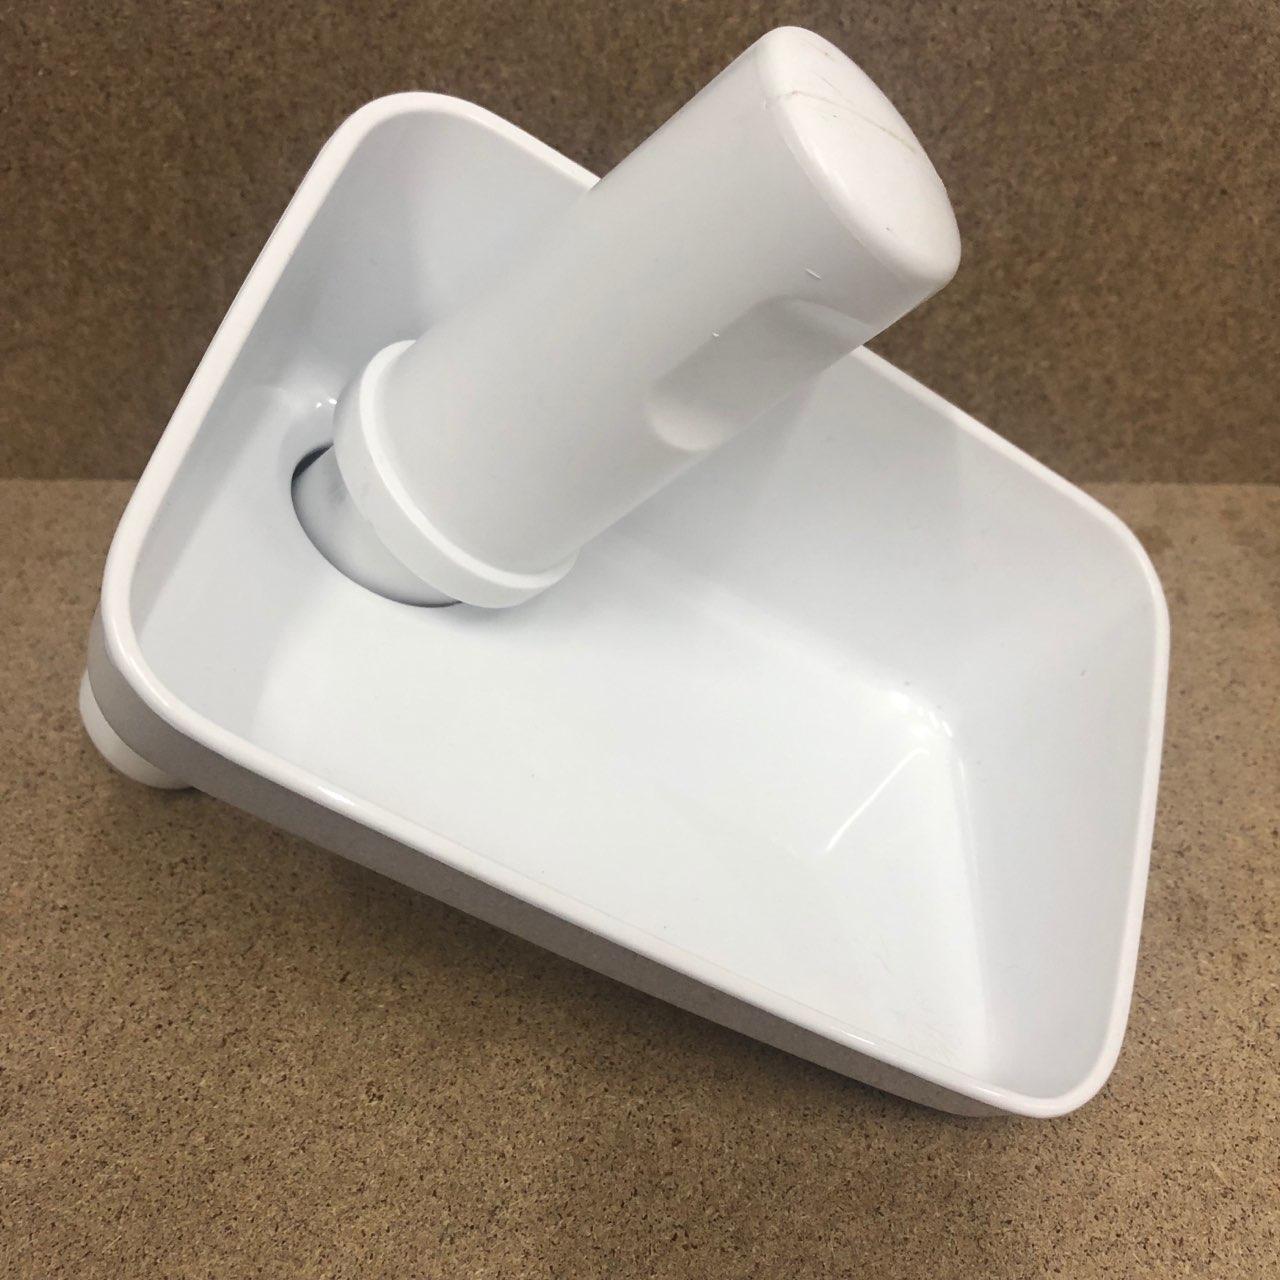 Подставка для продуктов и толкачка для мясорубки к комбайну Bosch MUM 4